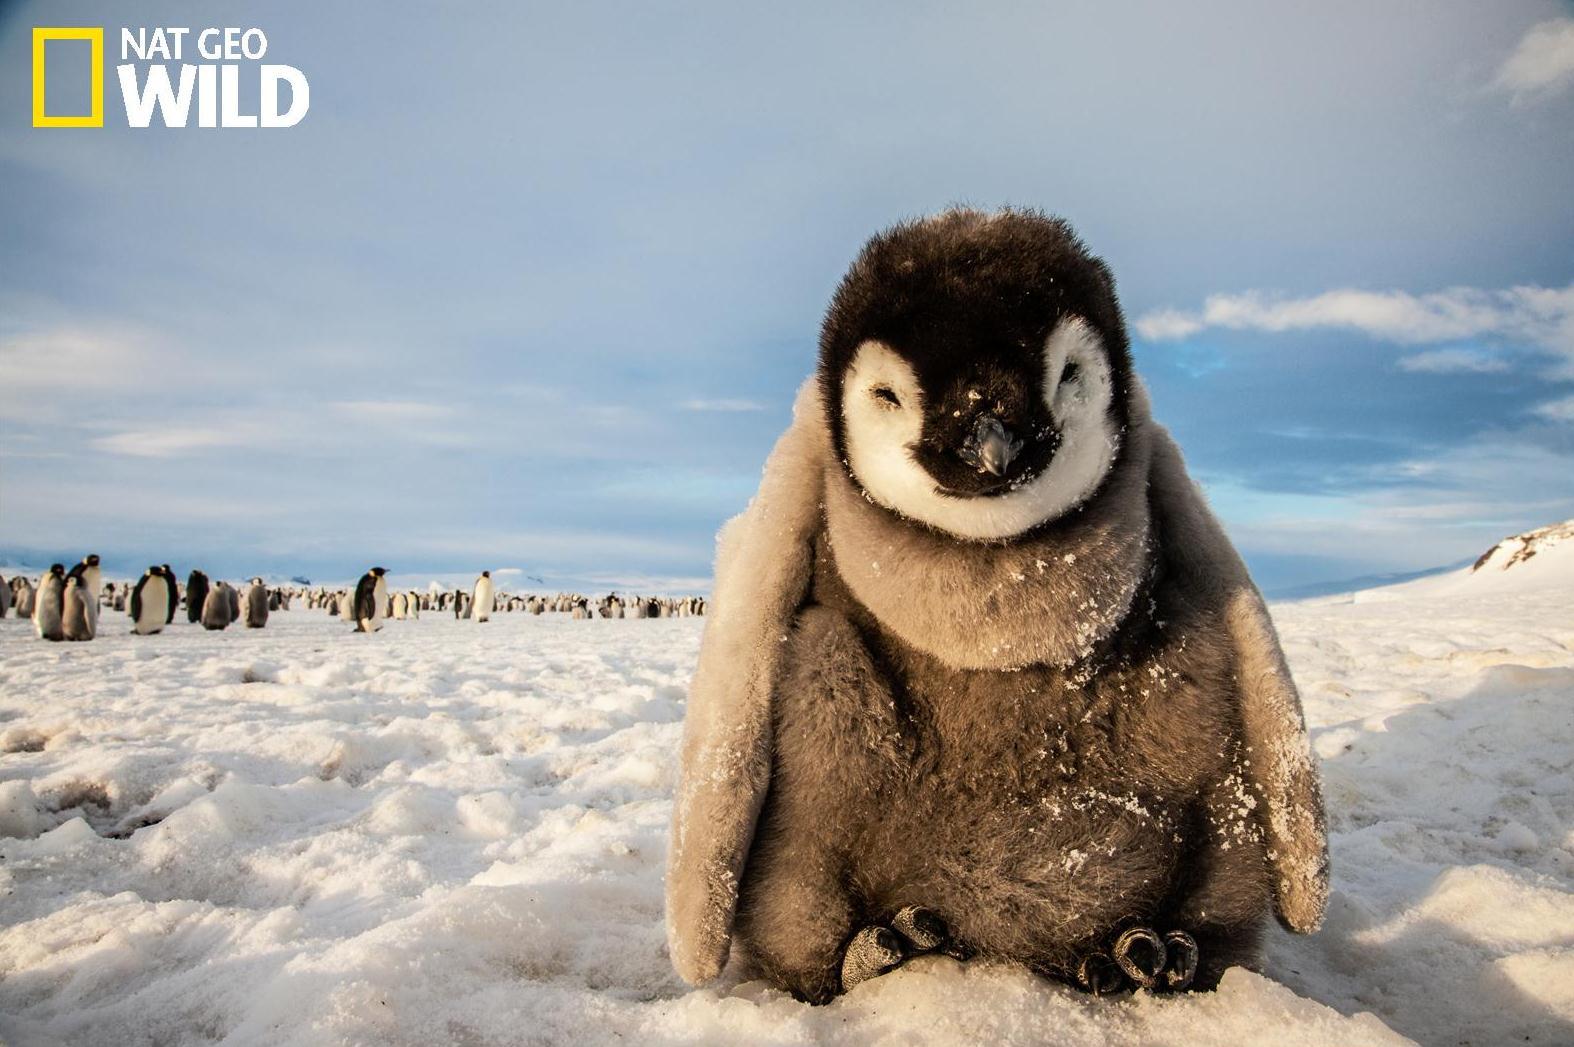 pingvin_NGW